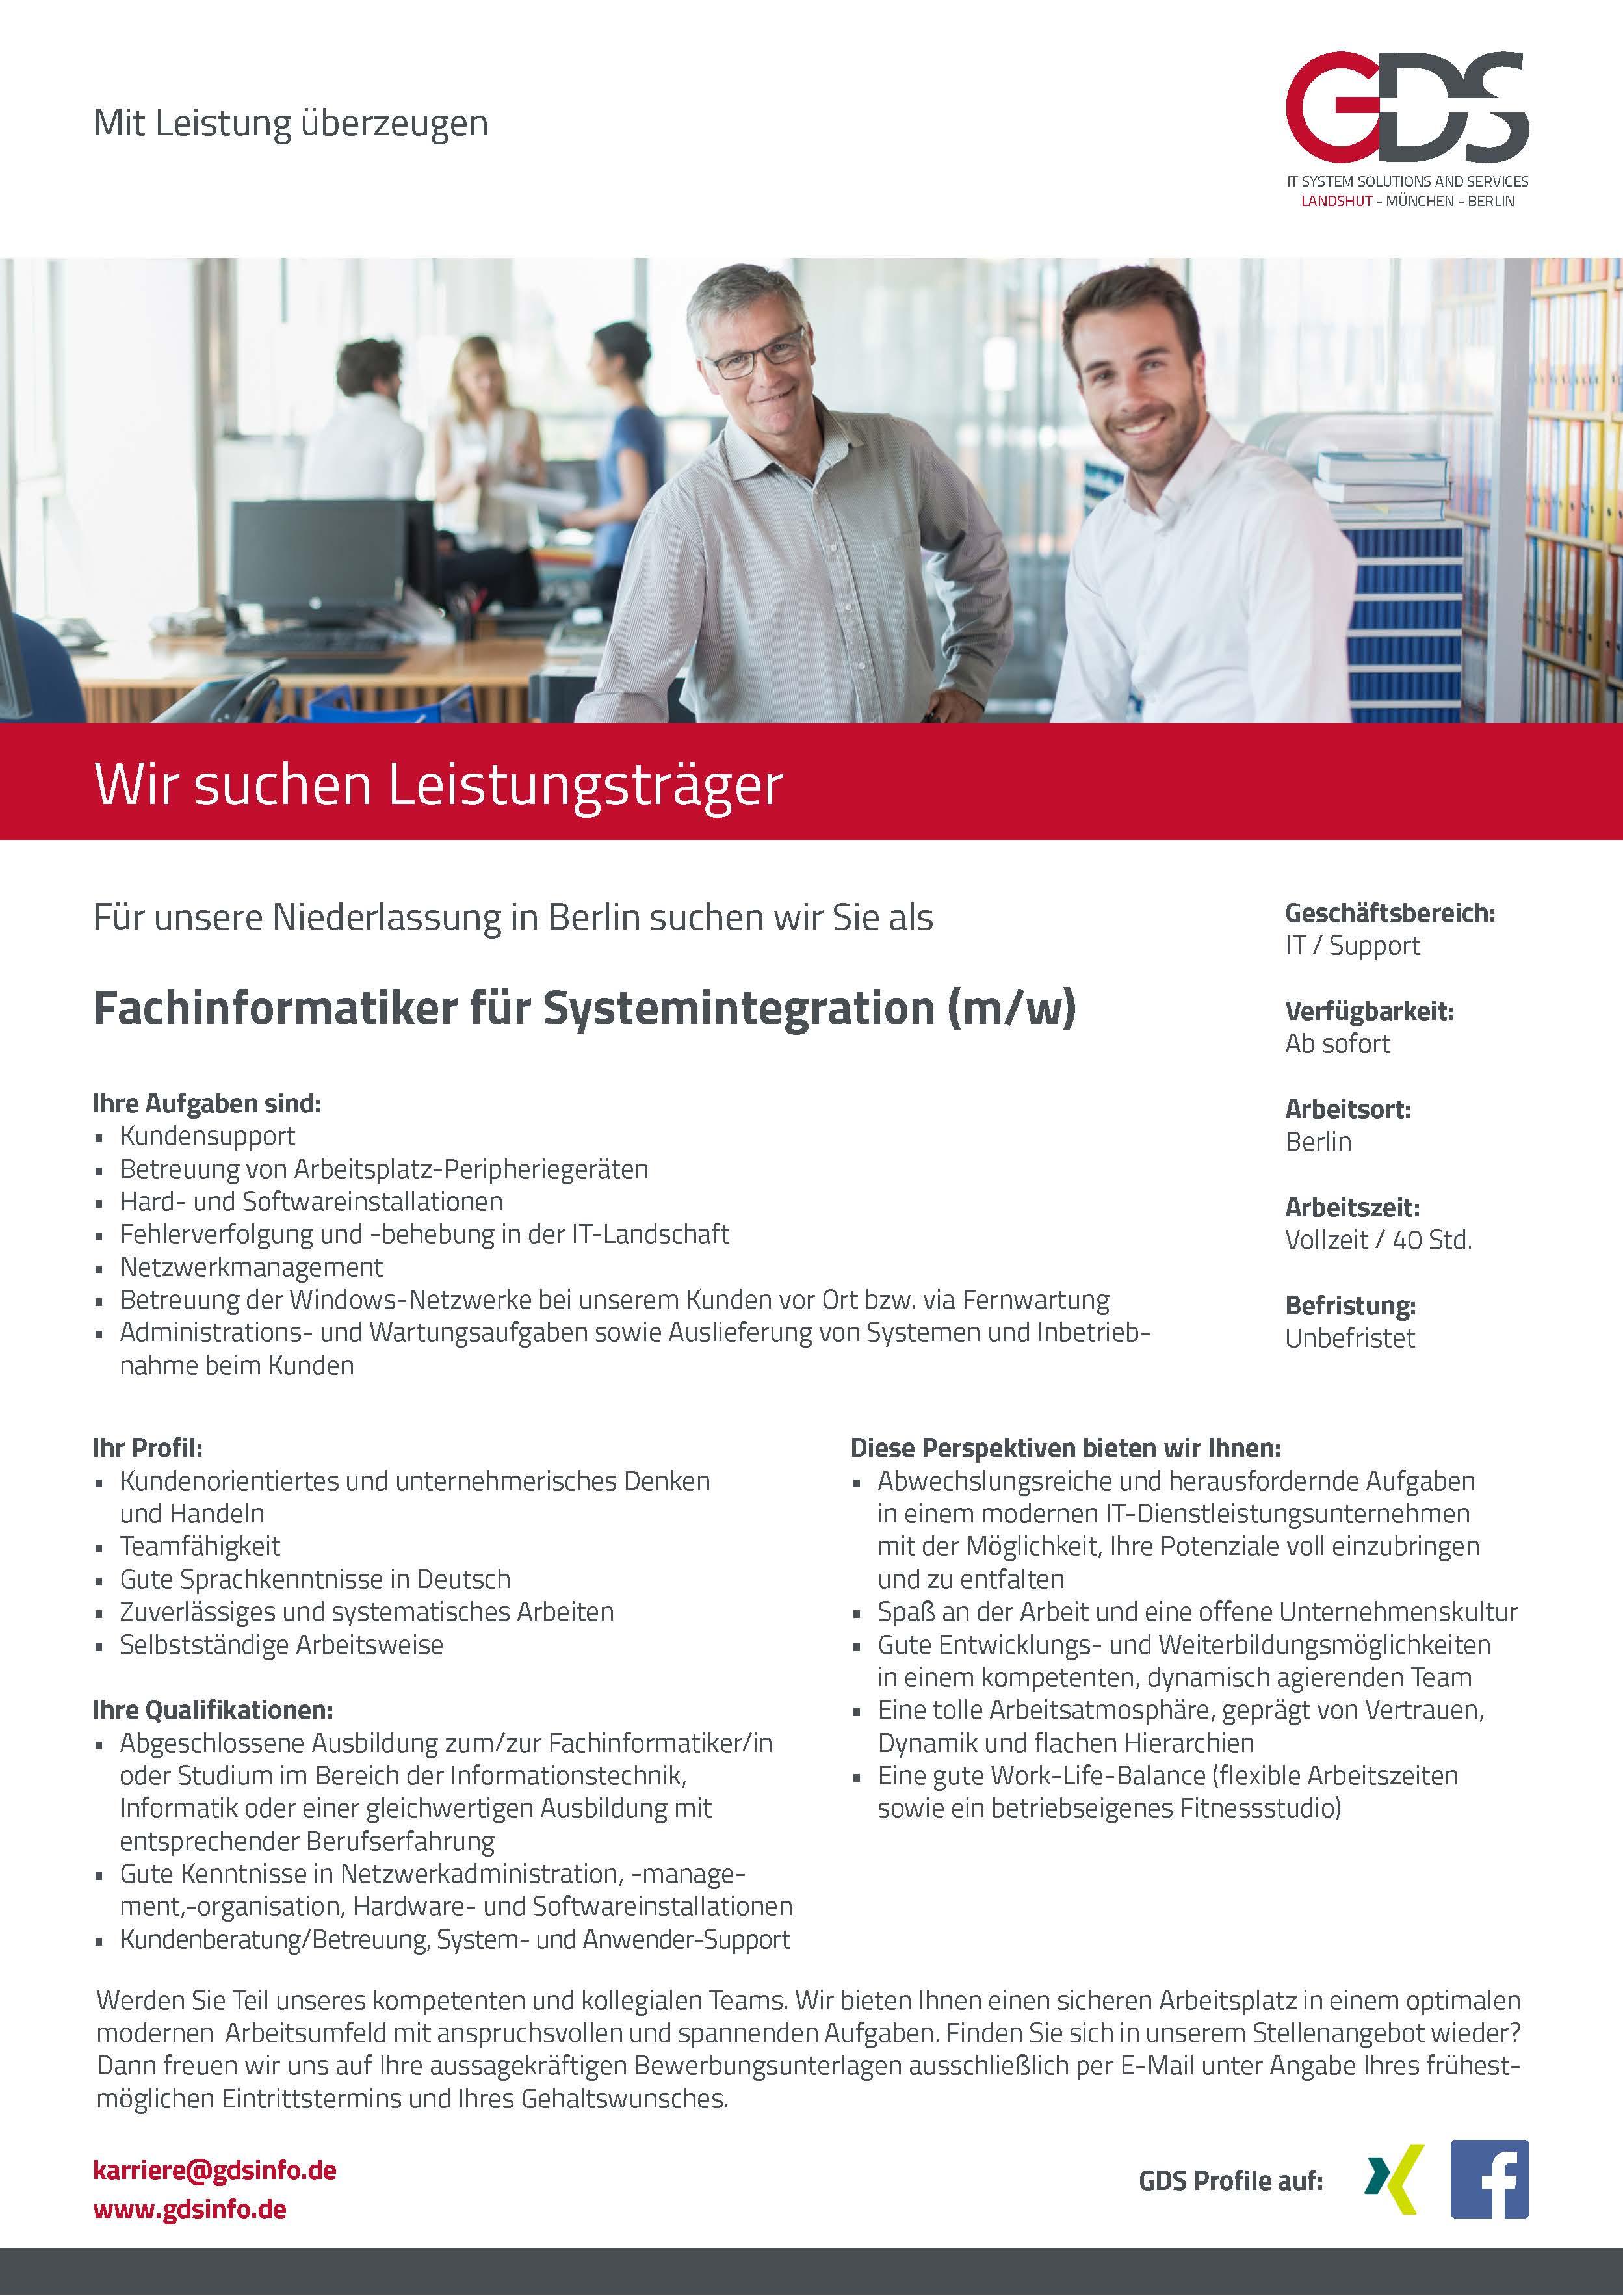 Fachinformatiker für Systemintegration (m/w) Standort Berlin